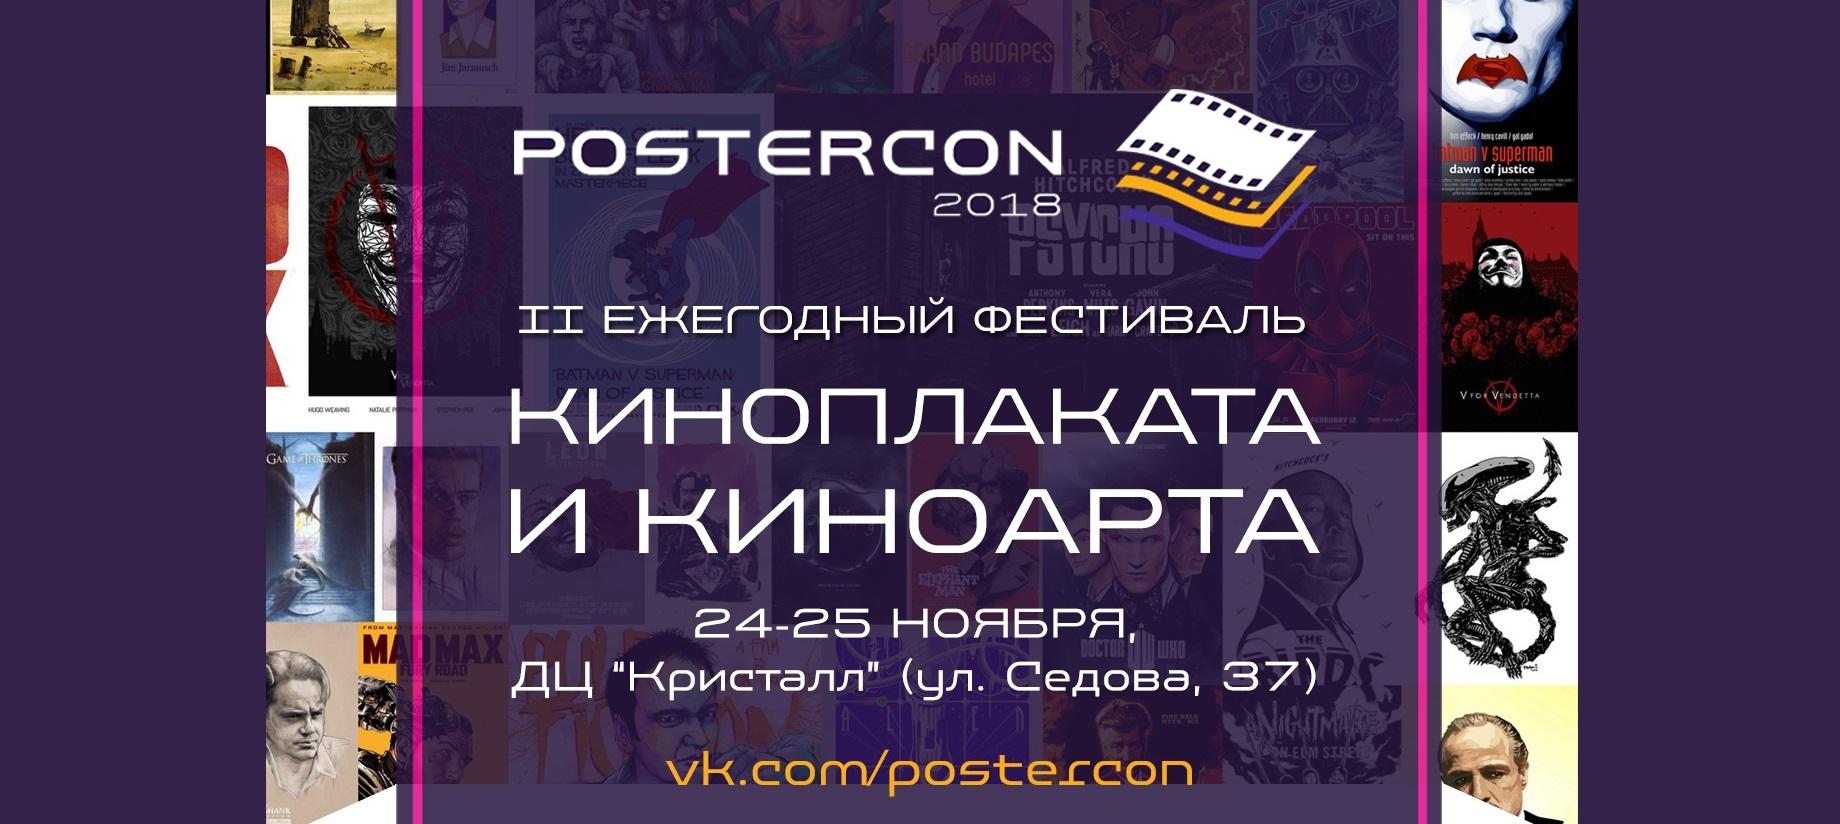 PosterCon 2018. Фестиваль киноплаката и киноарта